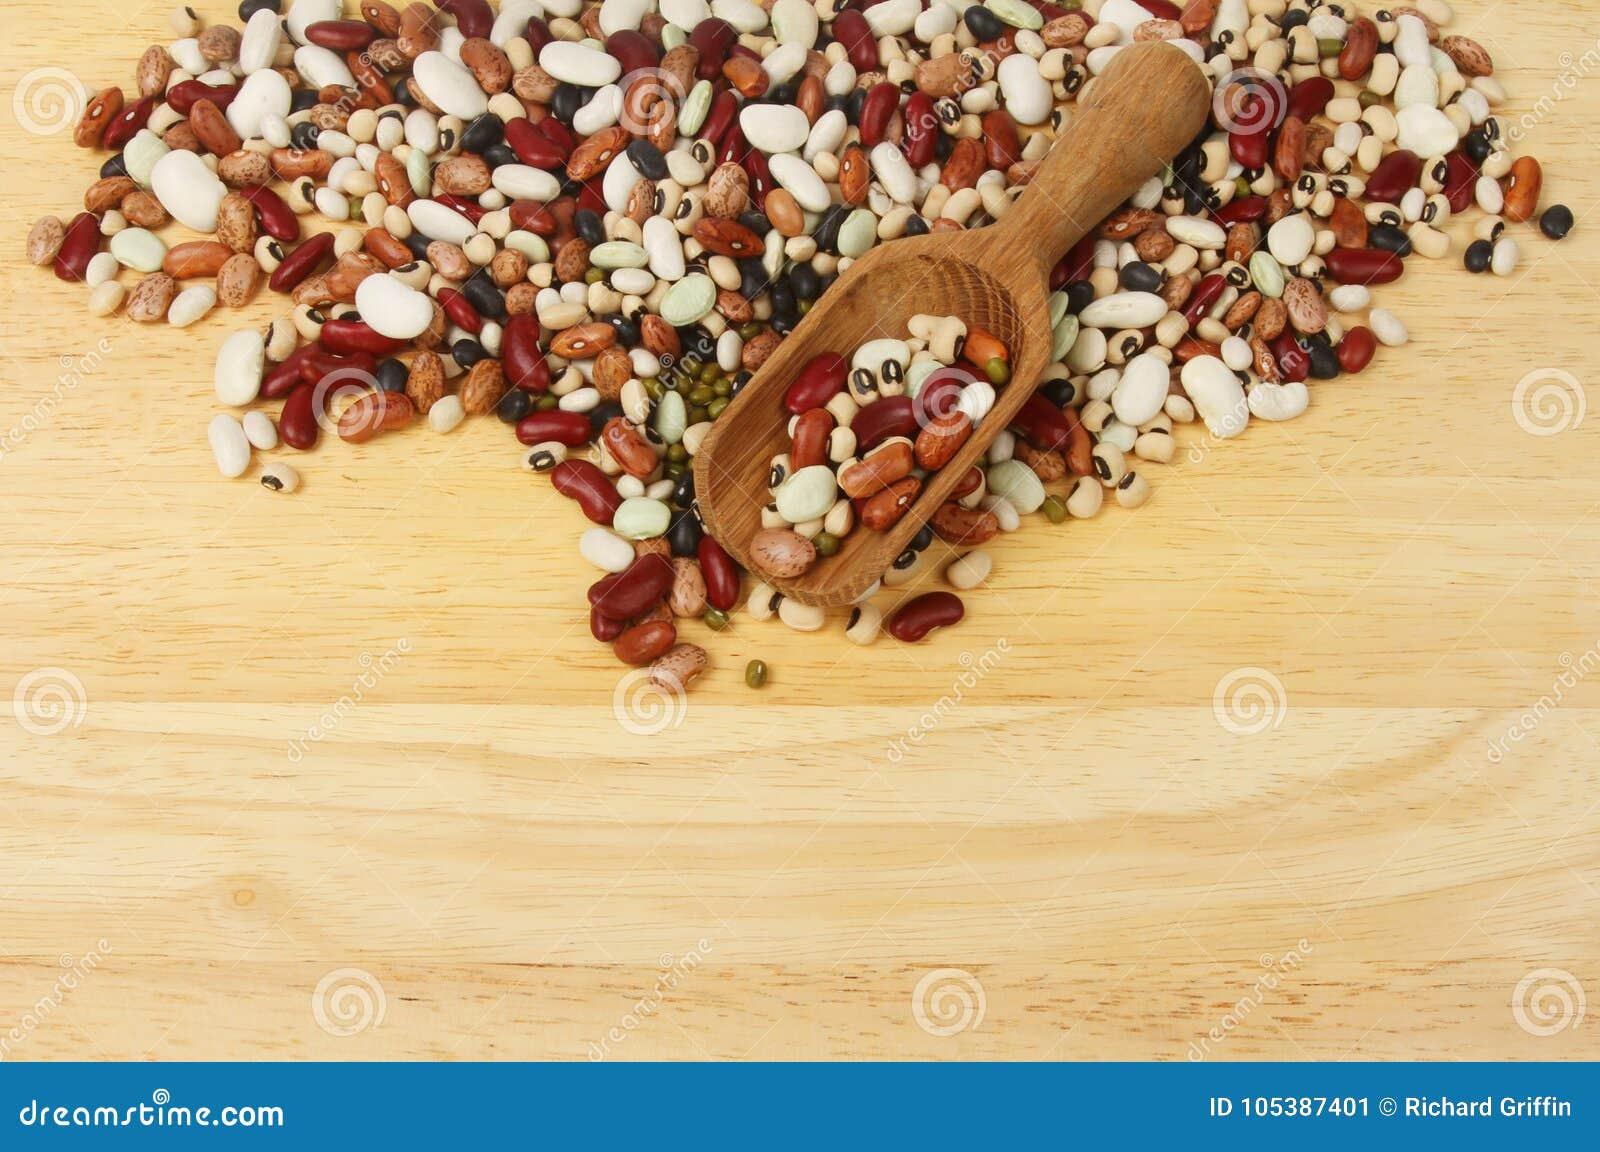 Ten bean mix and scoop